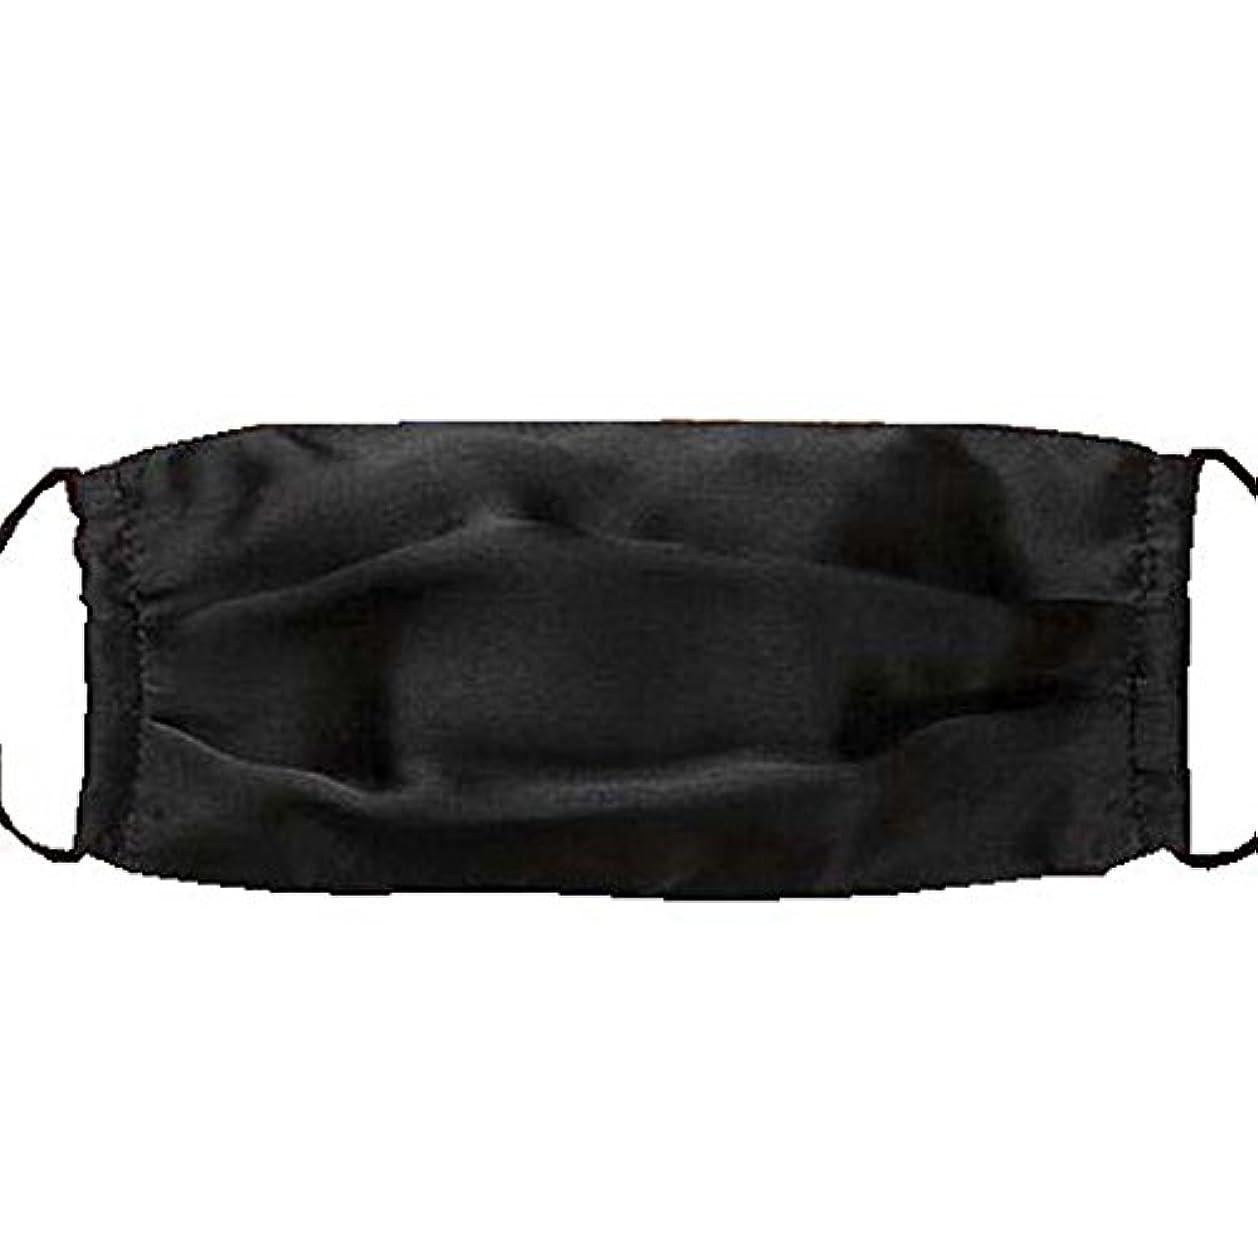 ディプロマジュラシックパーク民間再使用可能な洗浄可能な活性炭シルクウォームPM 2.5ダストマスクインフルエンザマスク